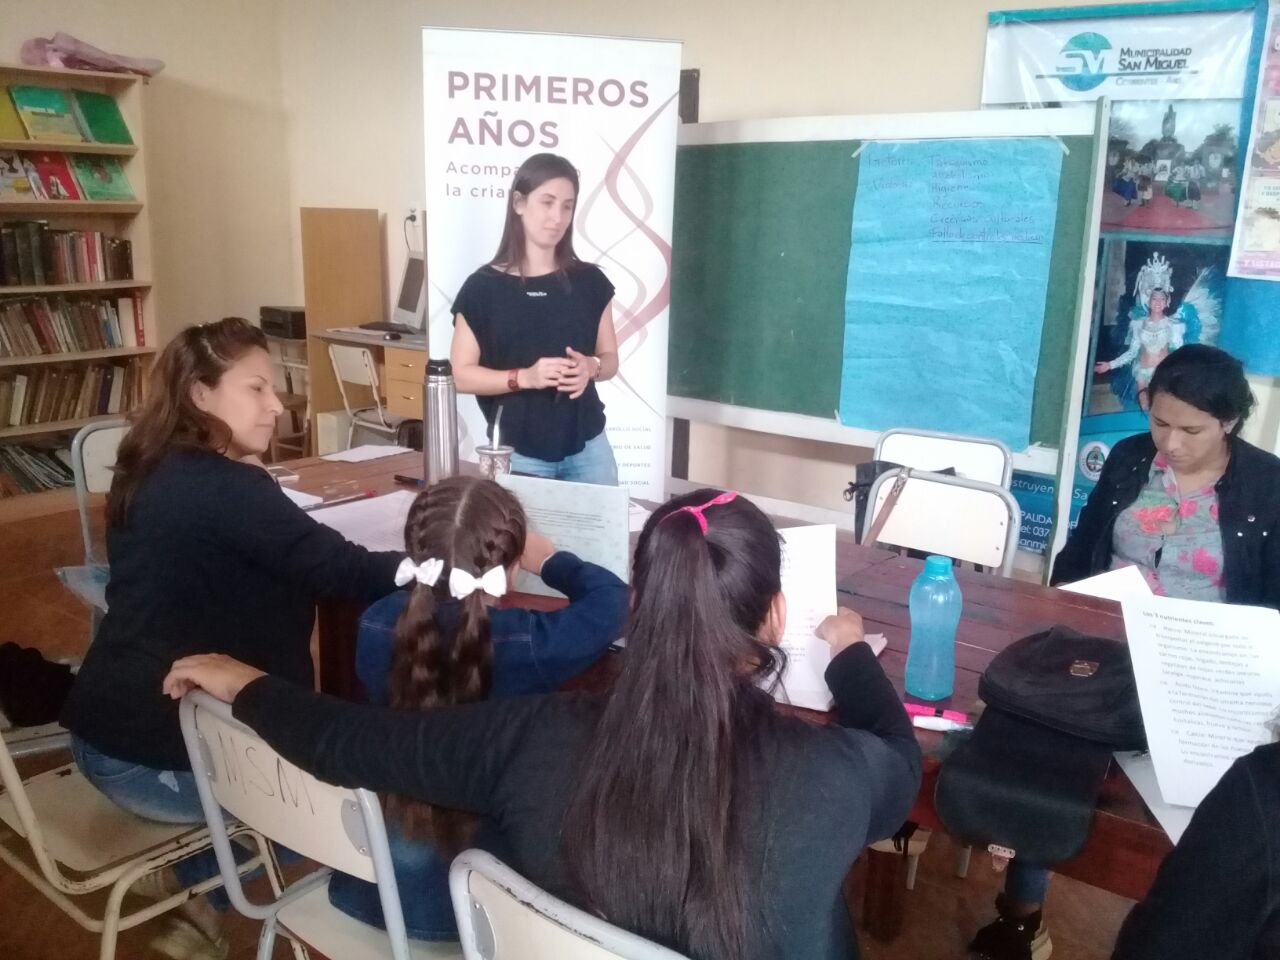 Avanza con éxito el trabajo con familias vulnerables en San Miguel